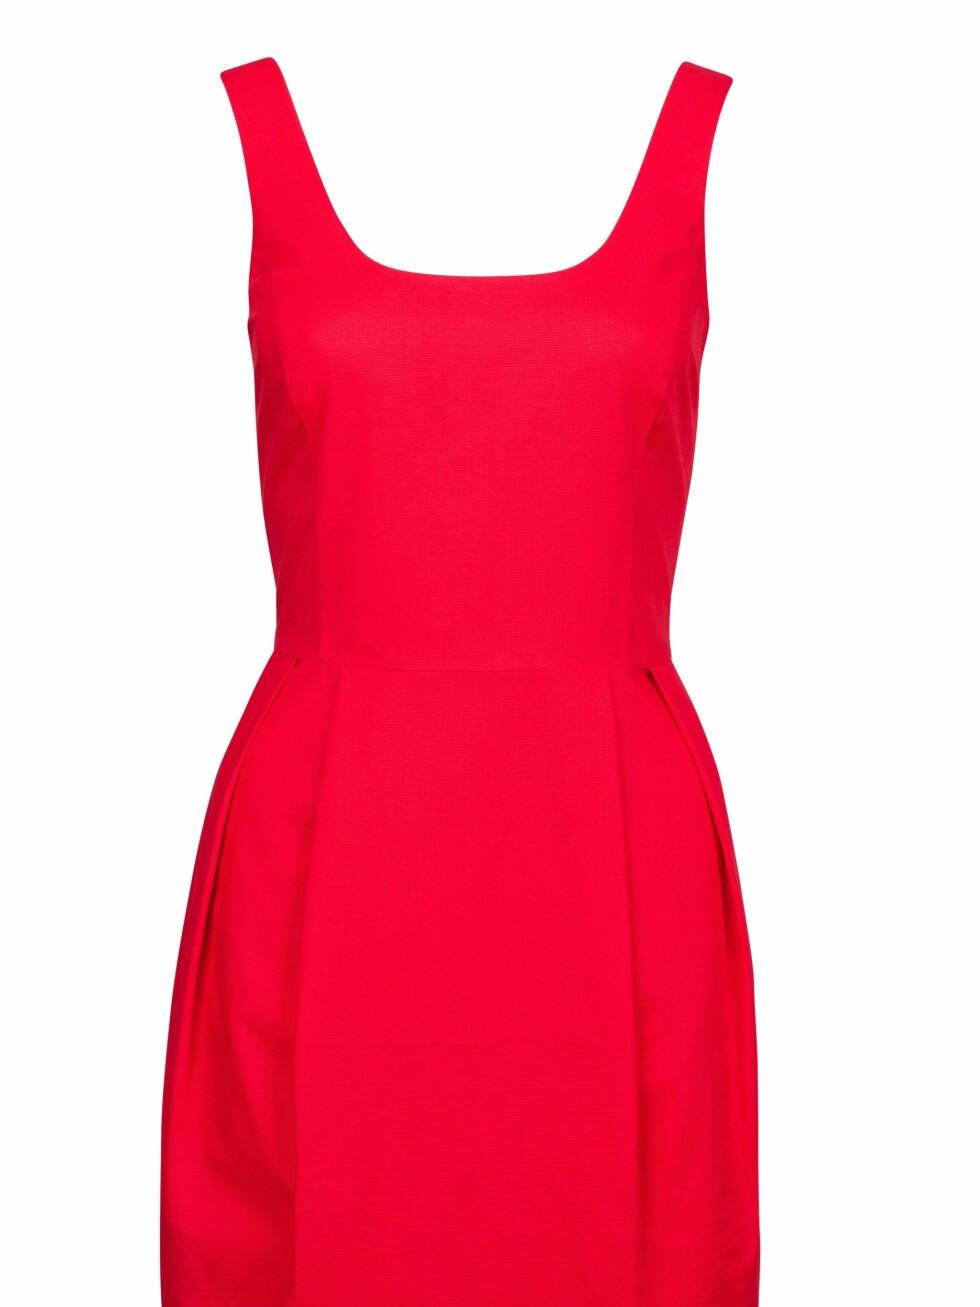 299 KRONER: Sexy rød kjole som piffer opp hverdags- eller partylooken.  Foto: Produsenten